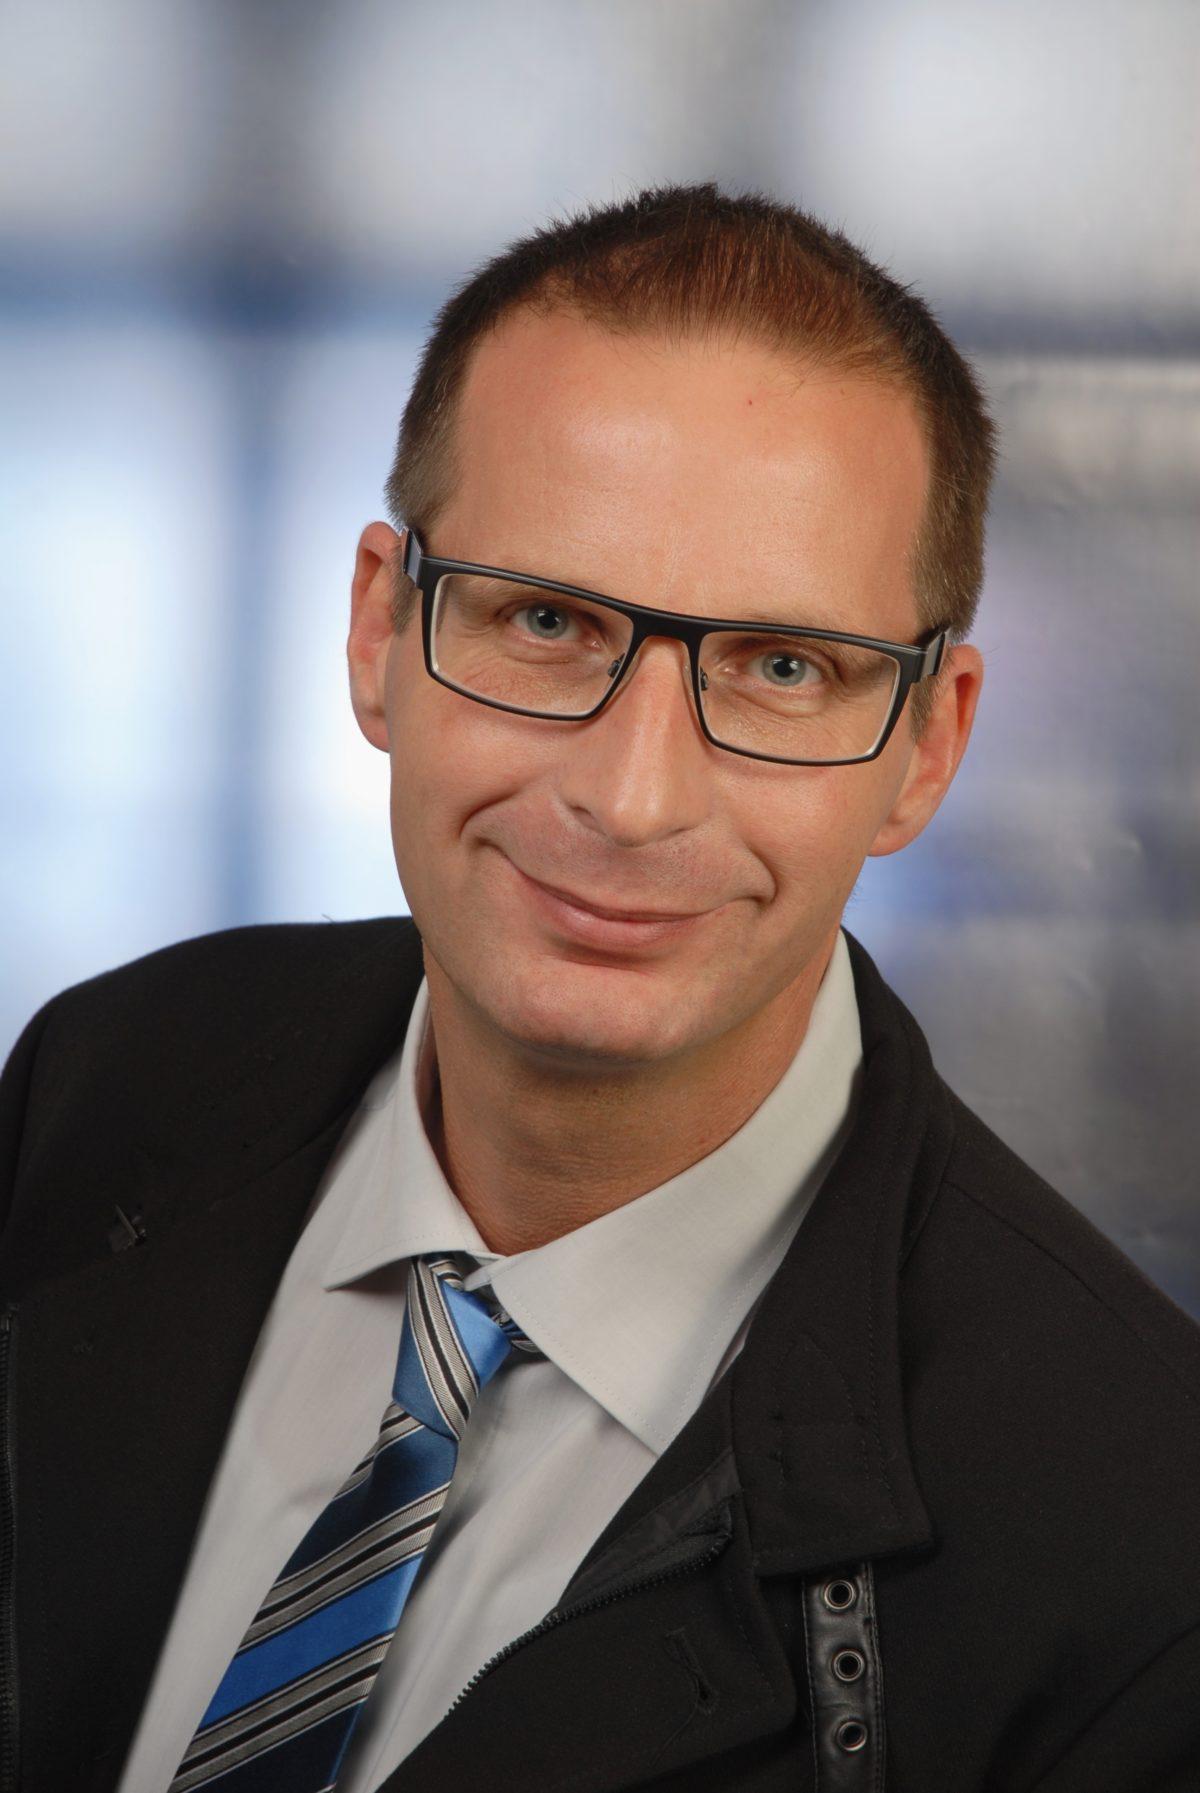 Müller Präzisionswerkzeuge Geschäftsführer Mathias Schmidt (CR: Müller Präzisionswerkzeuge)